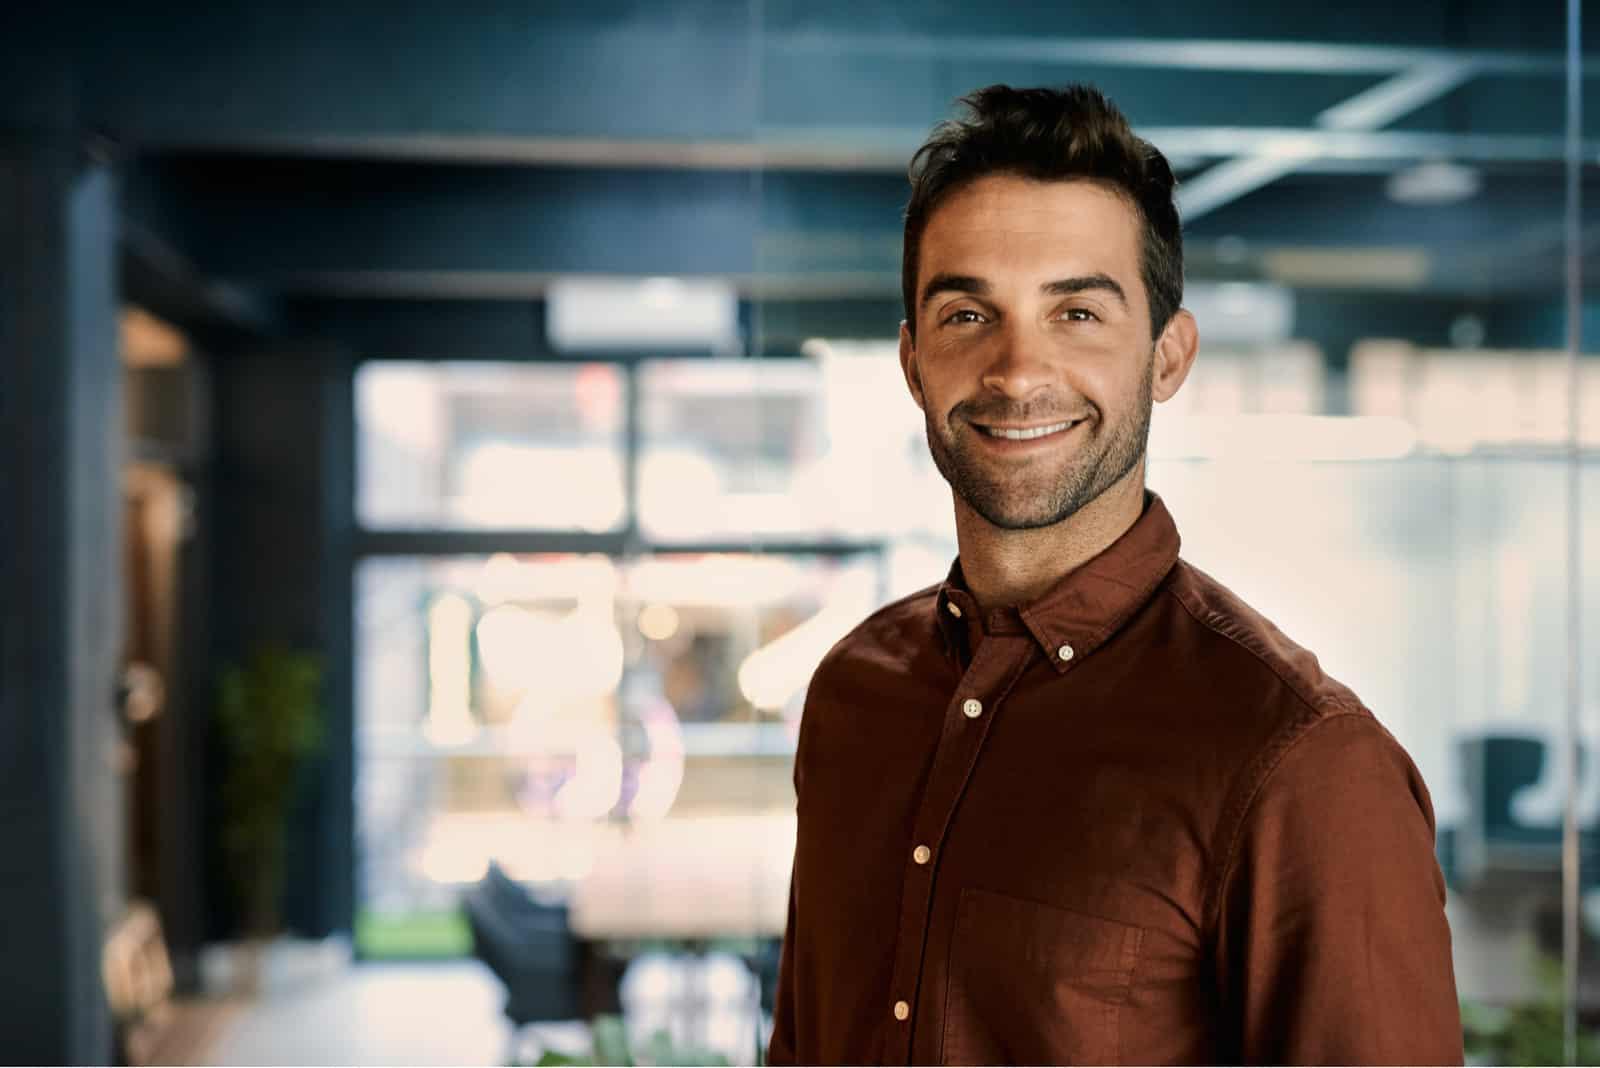 ein Porträt eines selbstbewussten lächelnden Geschäftsmannes